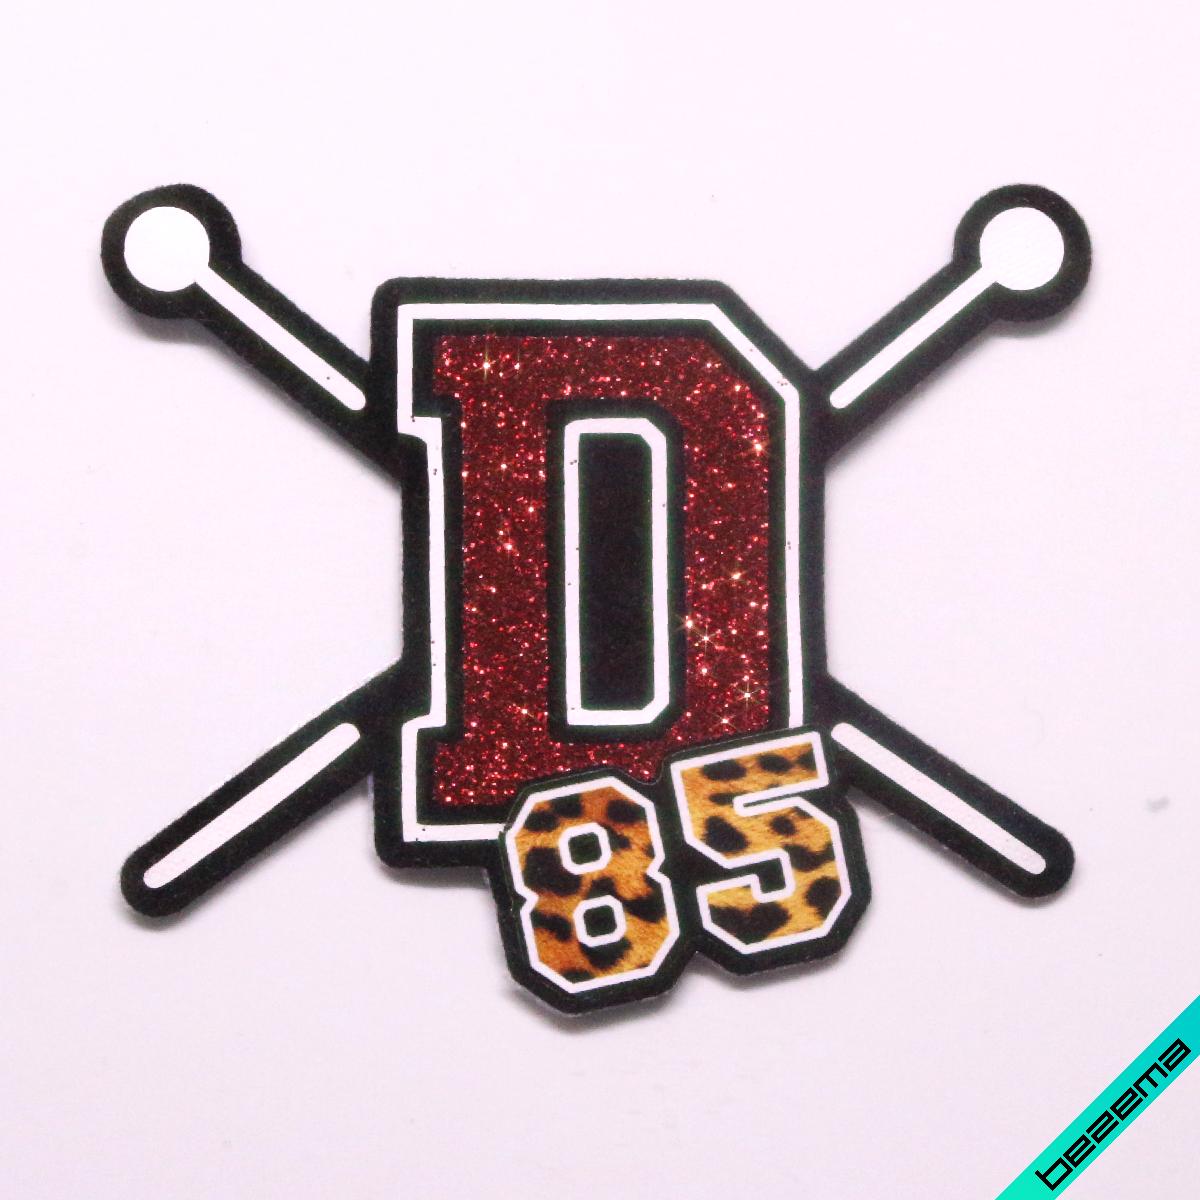 Нашивки на бейсболки термо D&G [Свой размер и материалы в ассортименте]